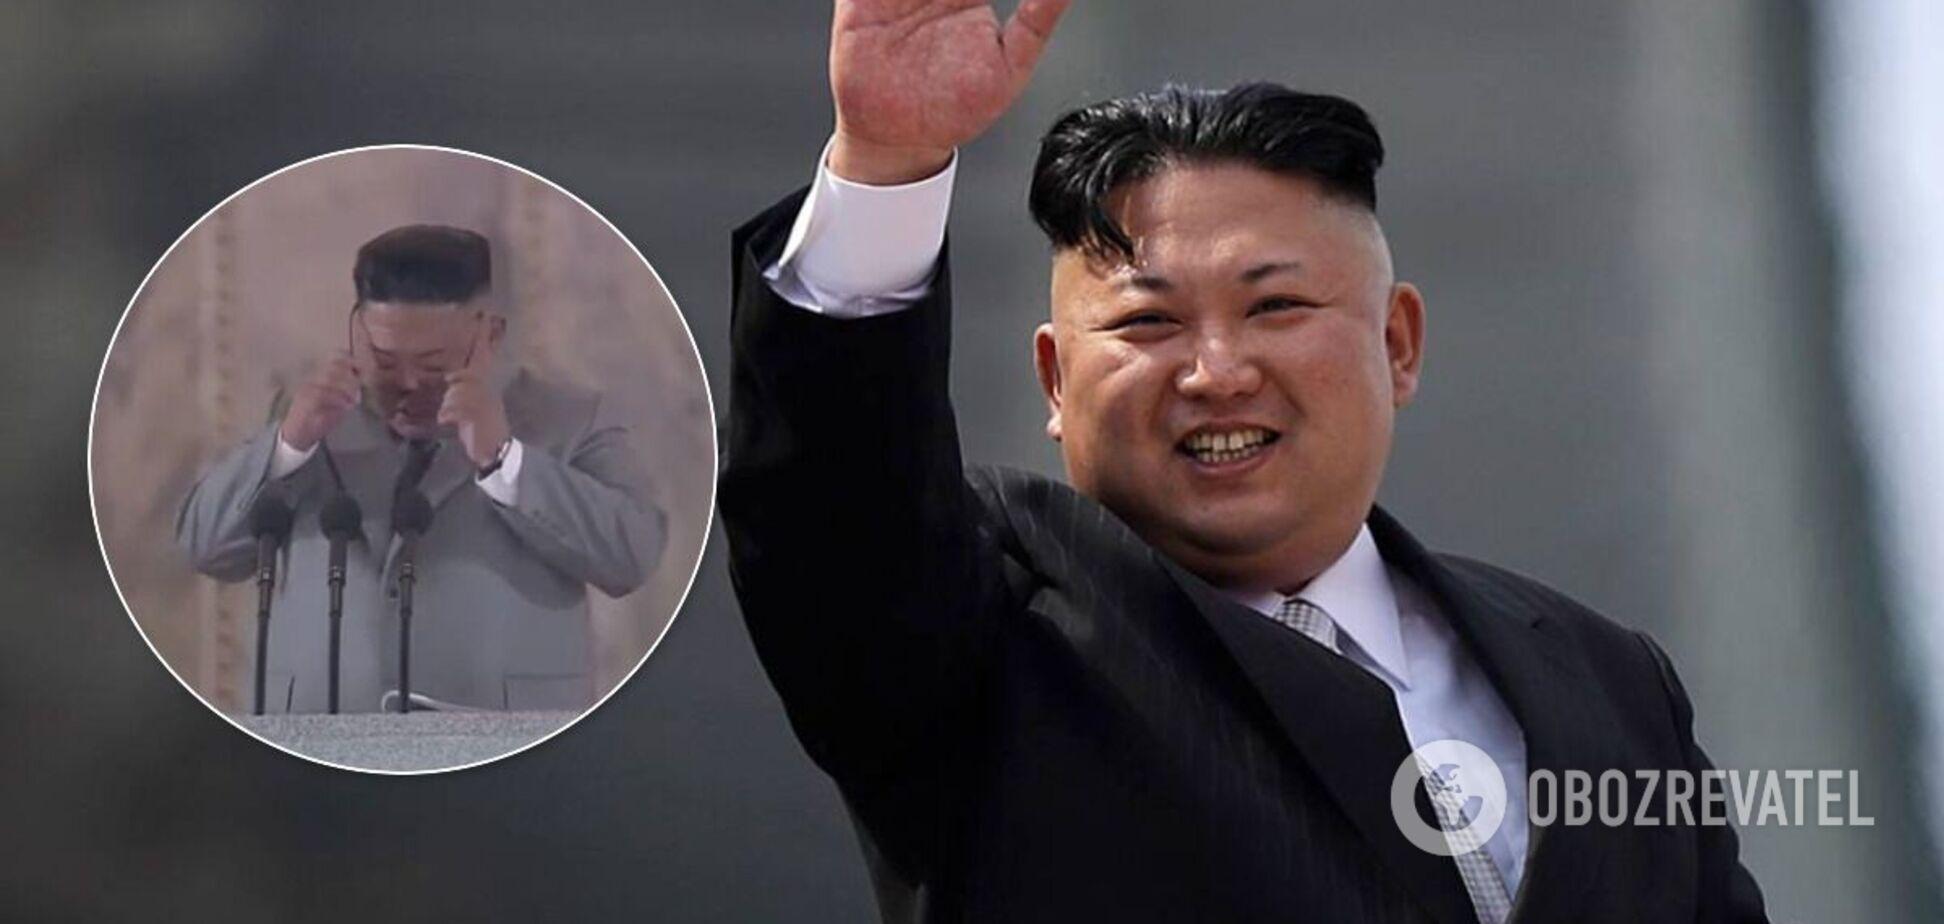 Кім Чен Ин розплакався на військовому параді й перепросив за невдачі